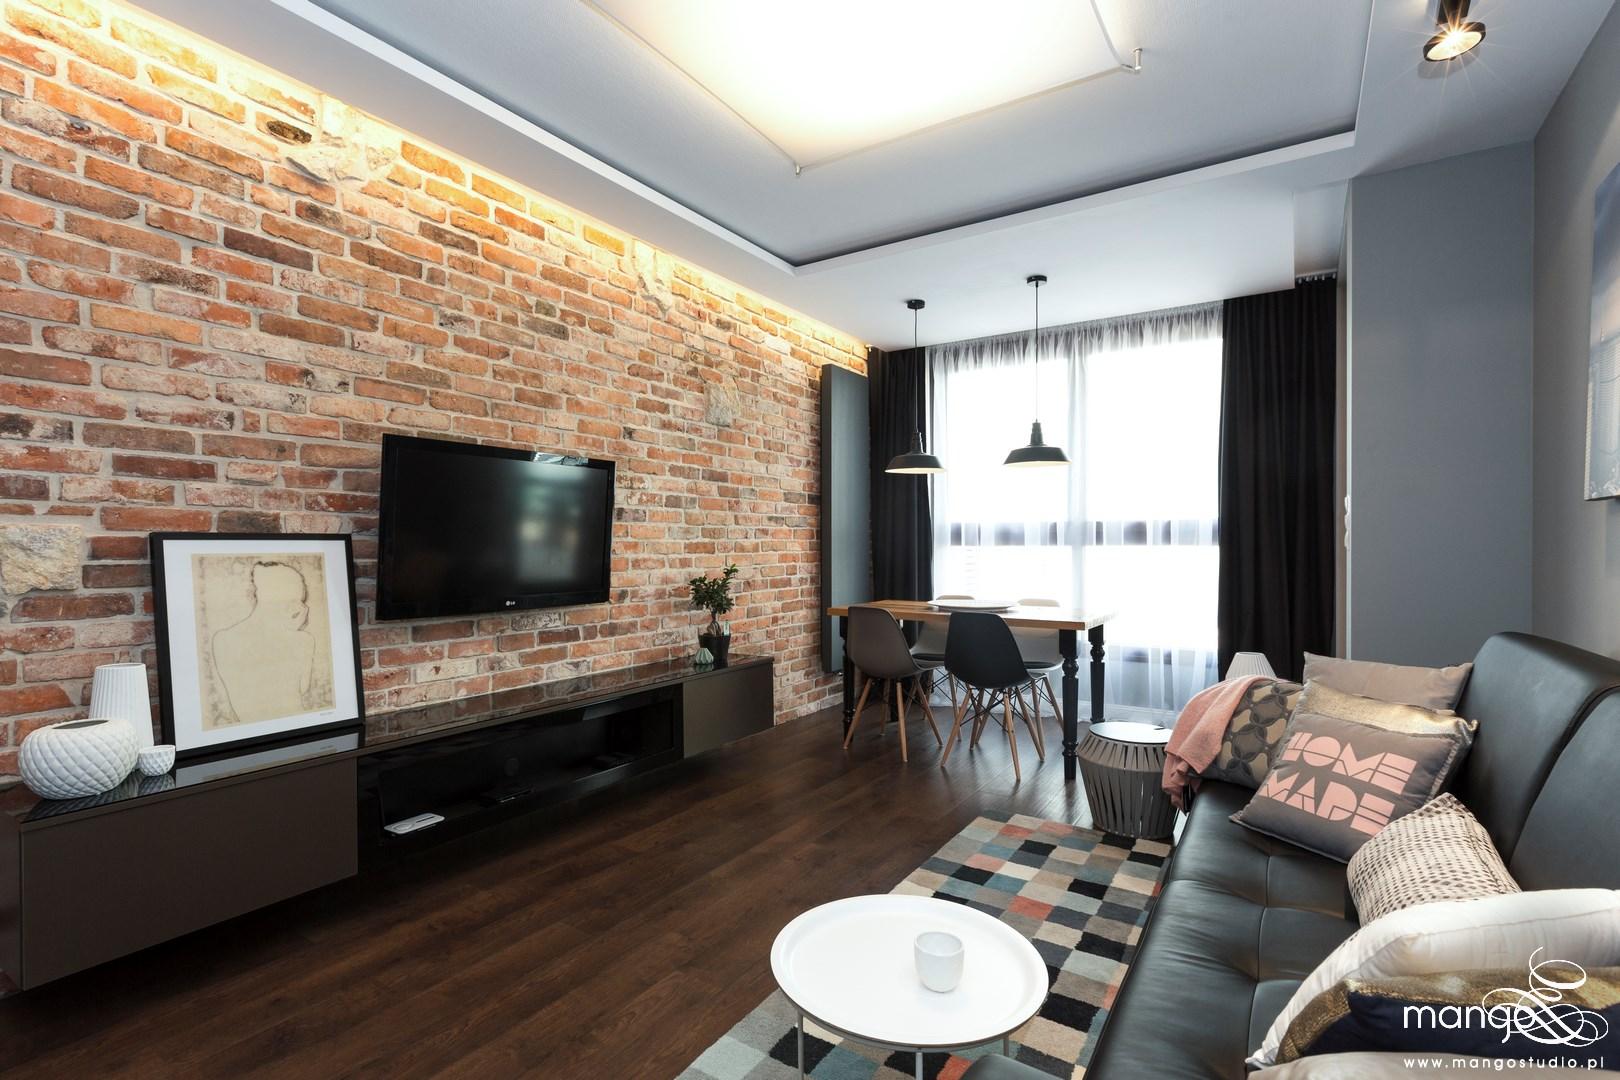 1 Mango Studio projektowanie wnętrz bajeczna salon w stylu nowoczesnym (2)